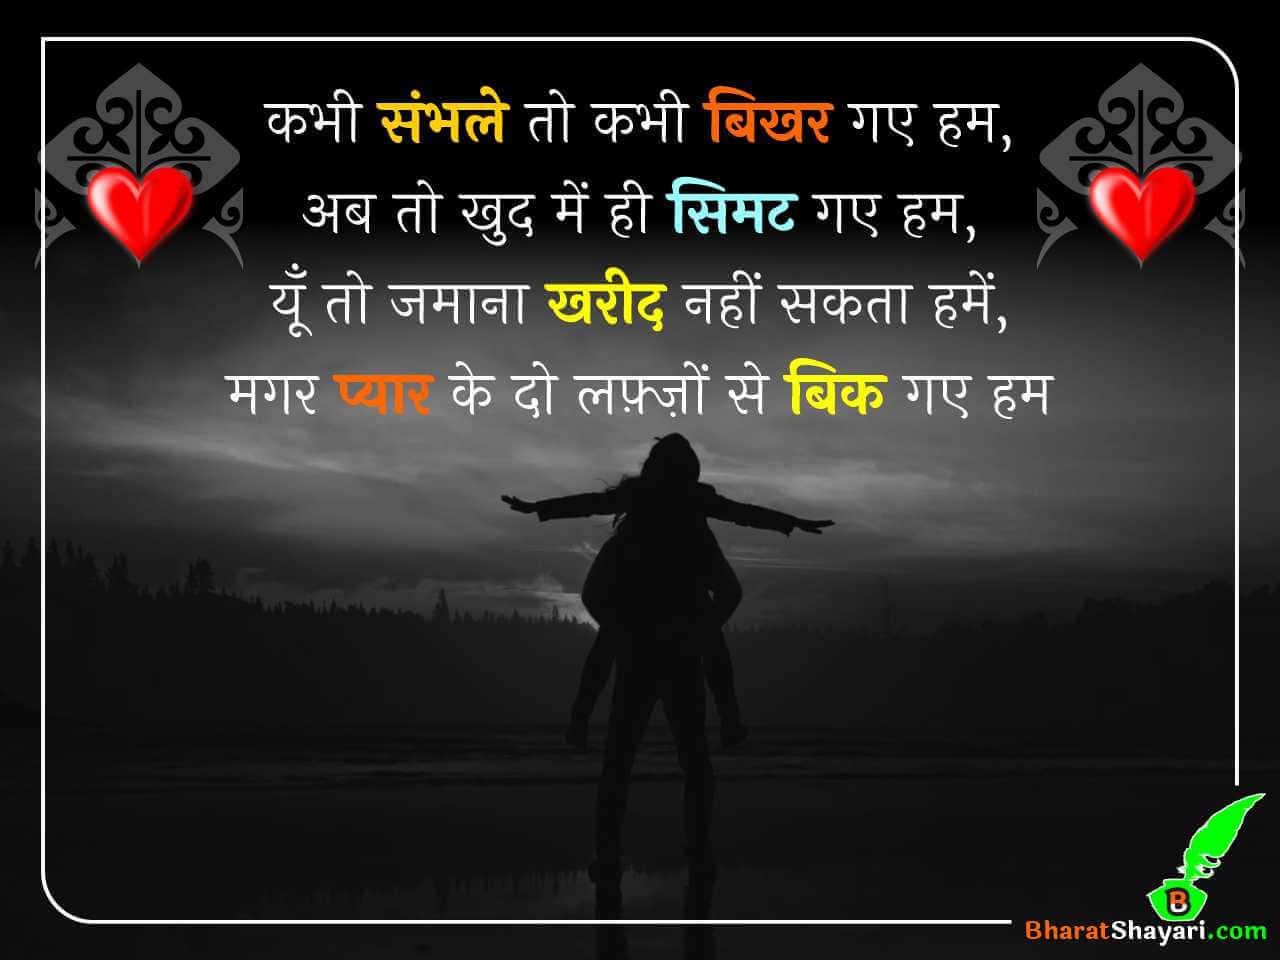 Love Shayari - Kabhi Sambhale to kabhi Bikhar gaye